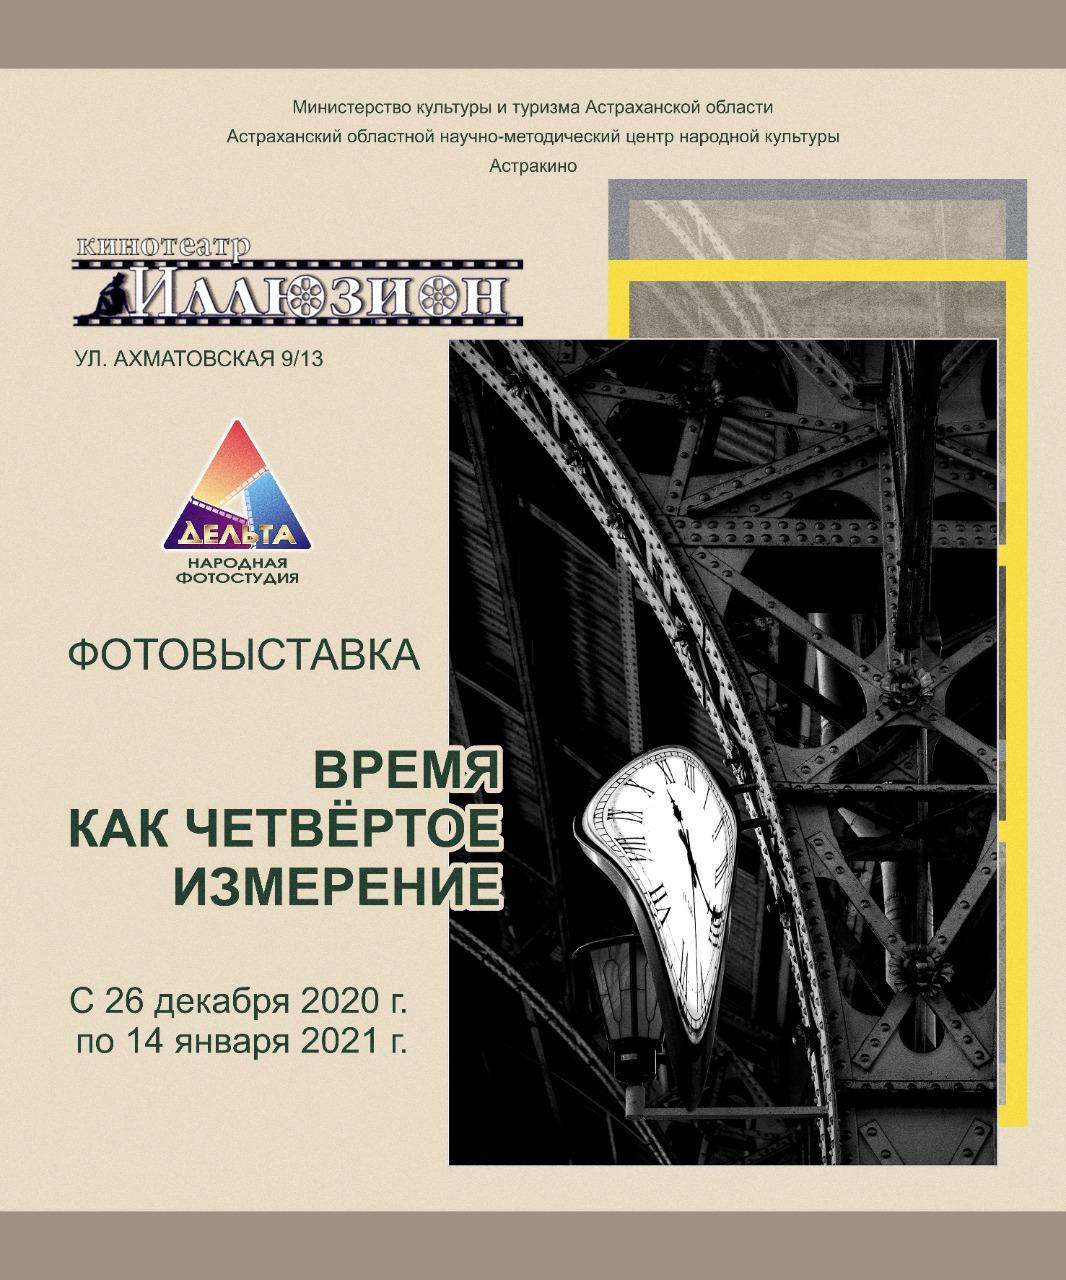 В Астрахани откроется фотовыставка «Время как 4-е измерение»